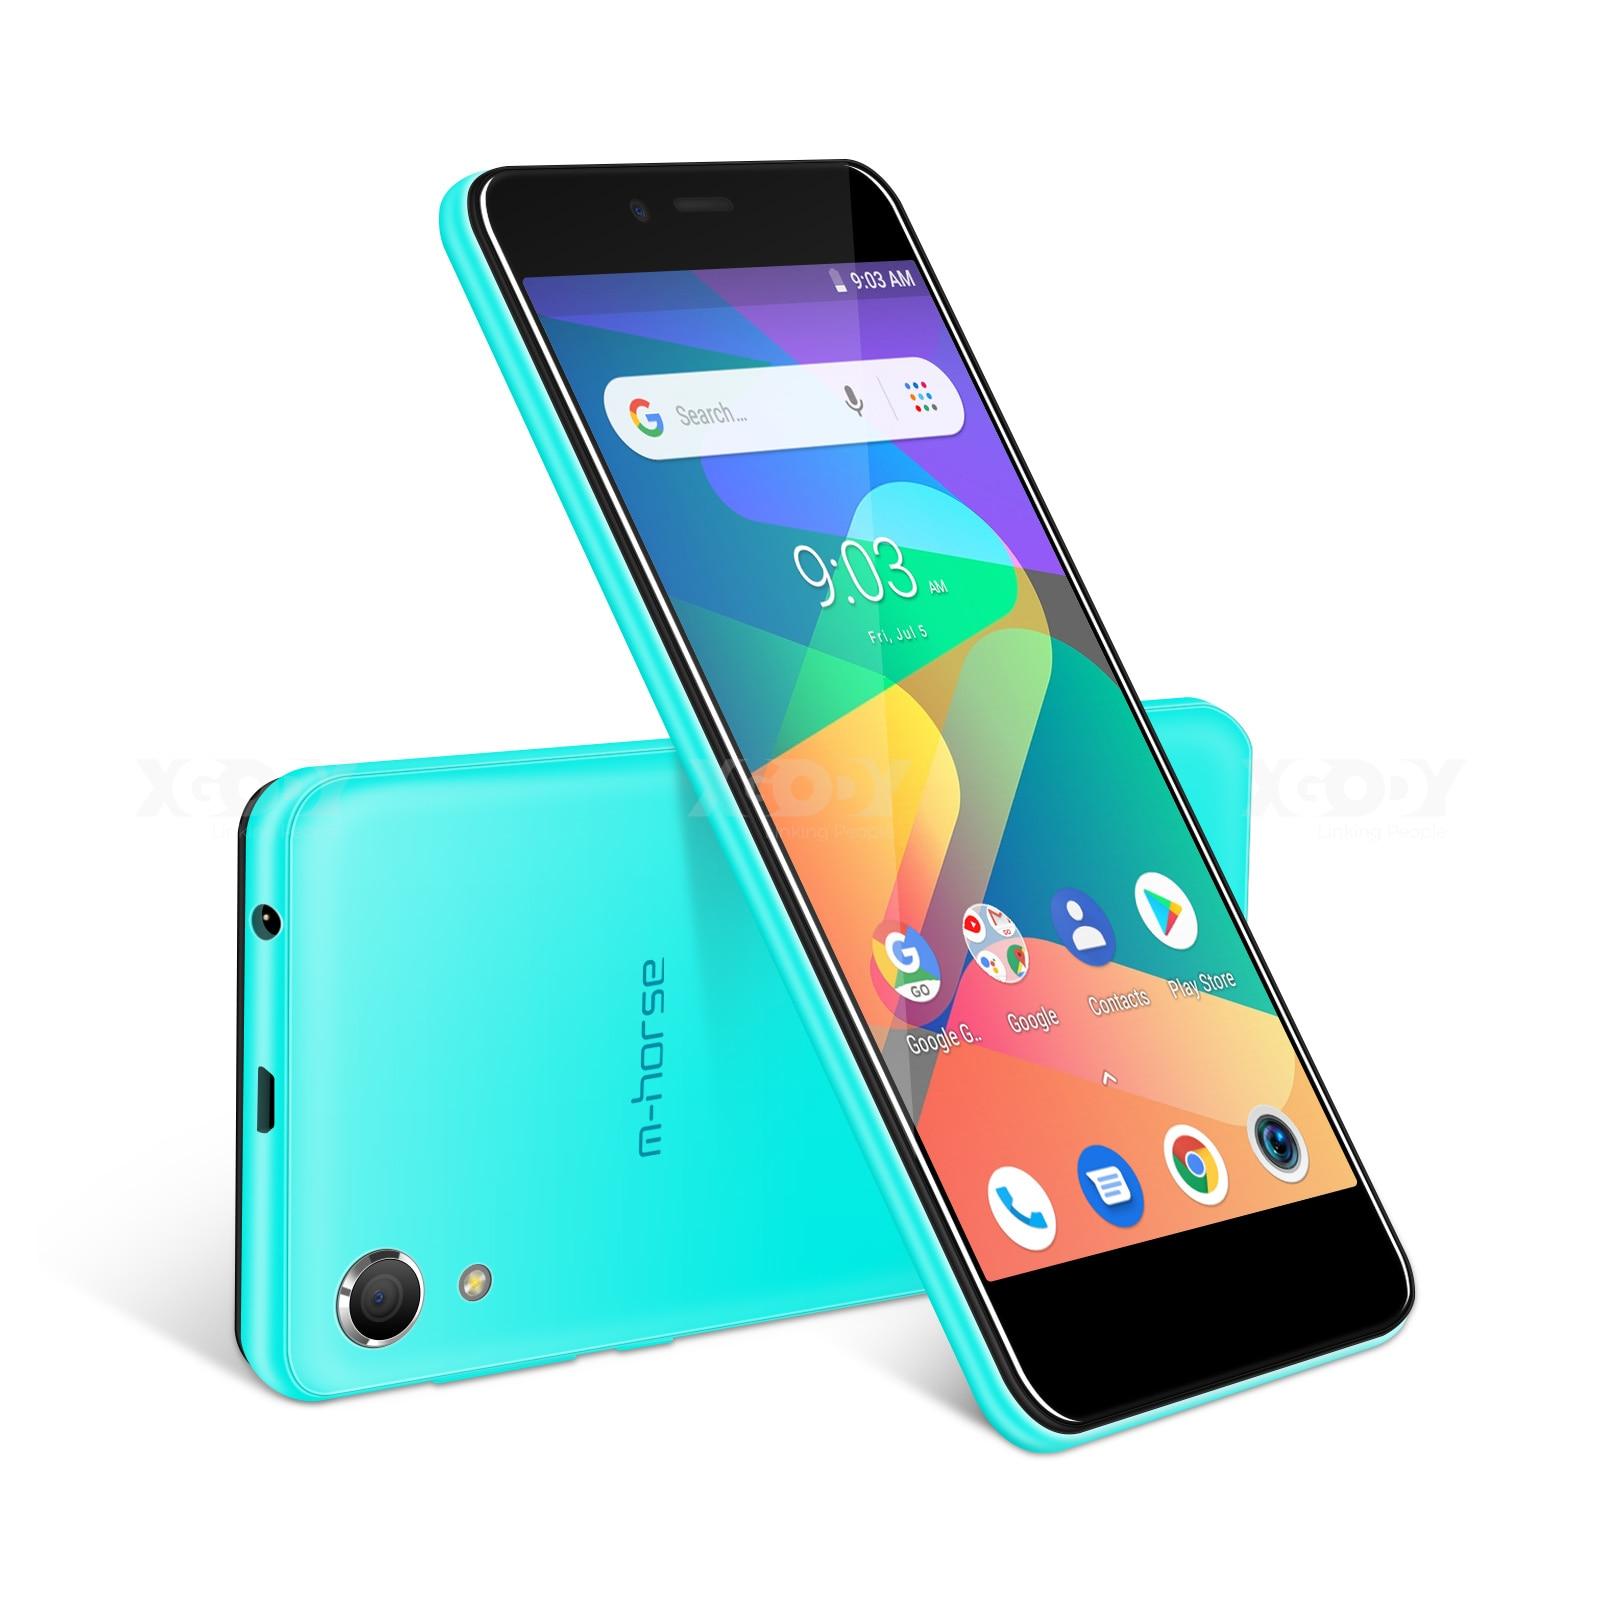 M-HORSE téléphone portable MTK6580 Quad Core Android 8.1 1GB RAM 8GB ROM 3G WCDMA 8.0MP 2000mAh double SIM Smartphone 5 pouces celulaire